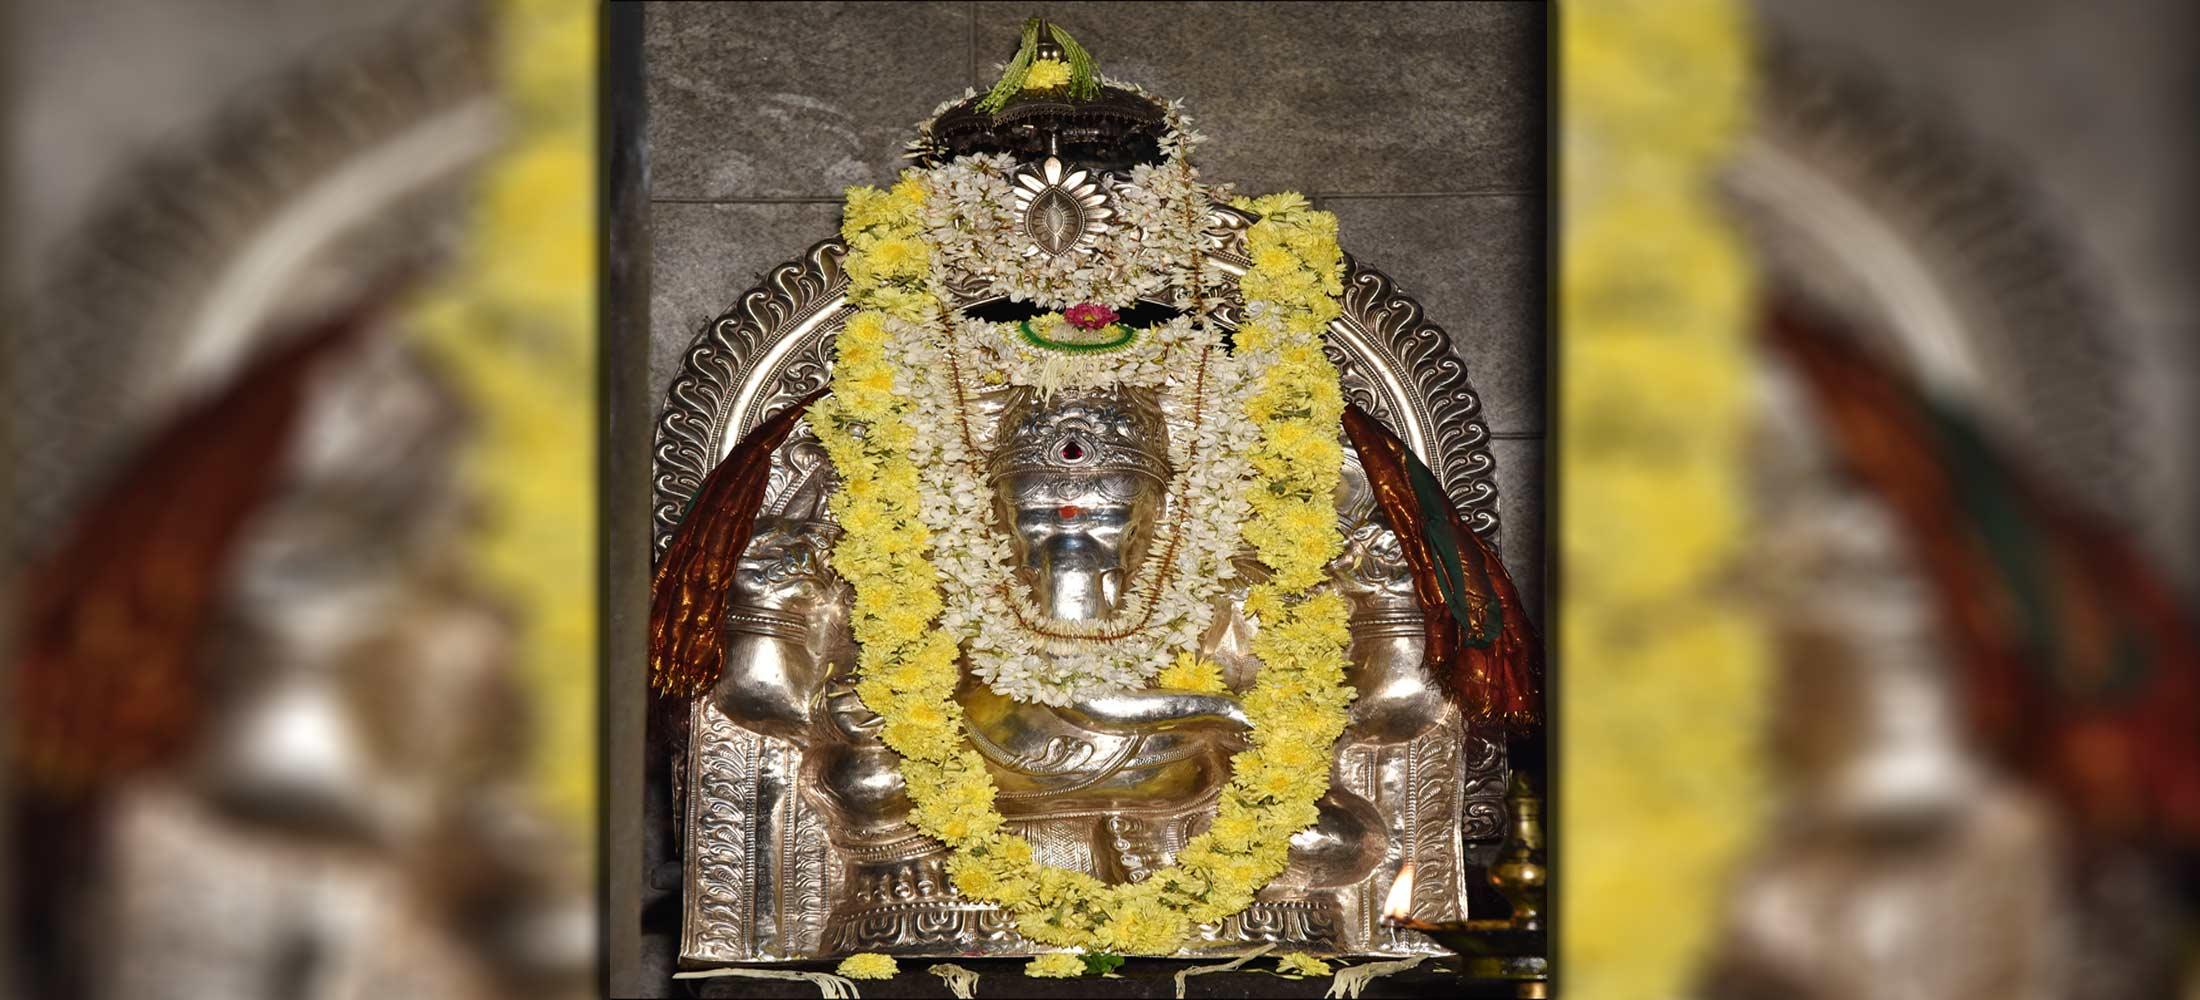 Sri Mahaganapathi Saligrama